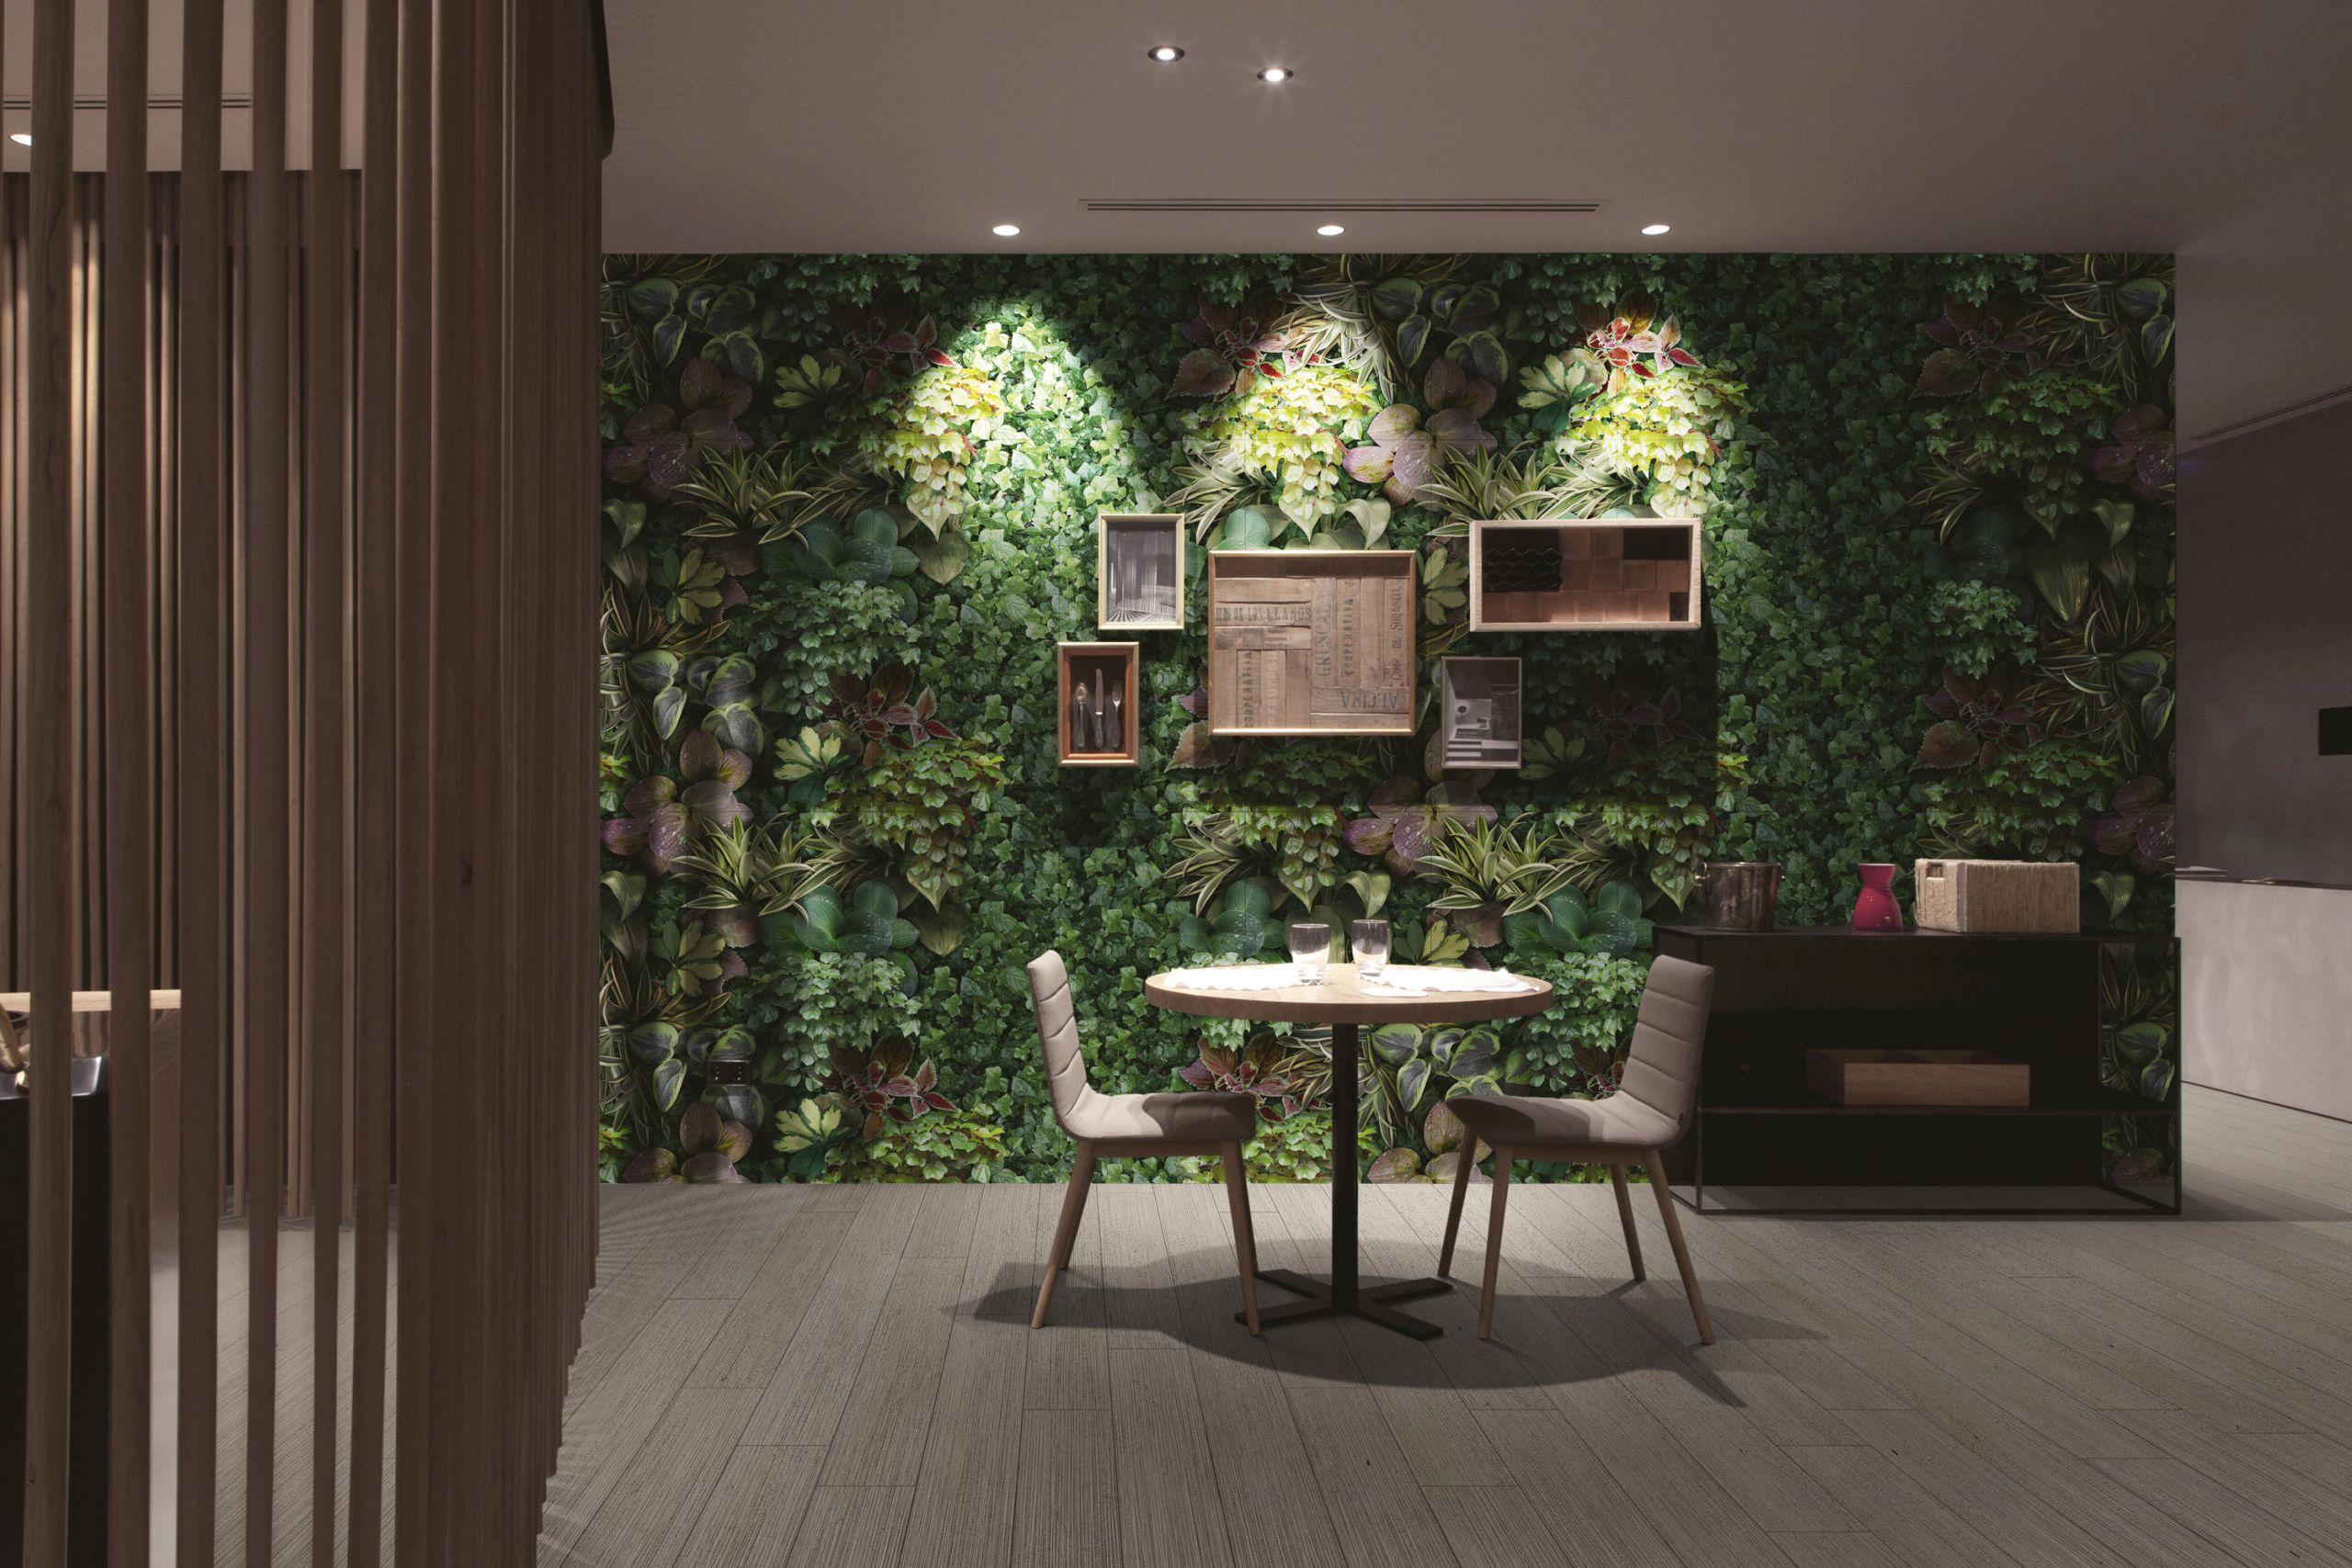 La Maison Du Carrelage Et Sanitaire Balma la maison du carrelage des idées - idees conception jardin